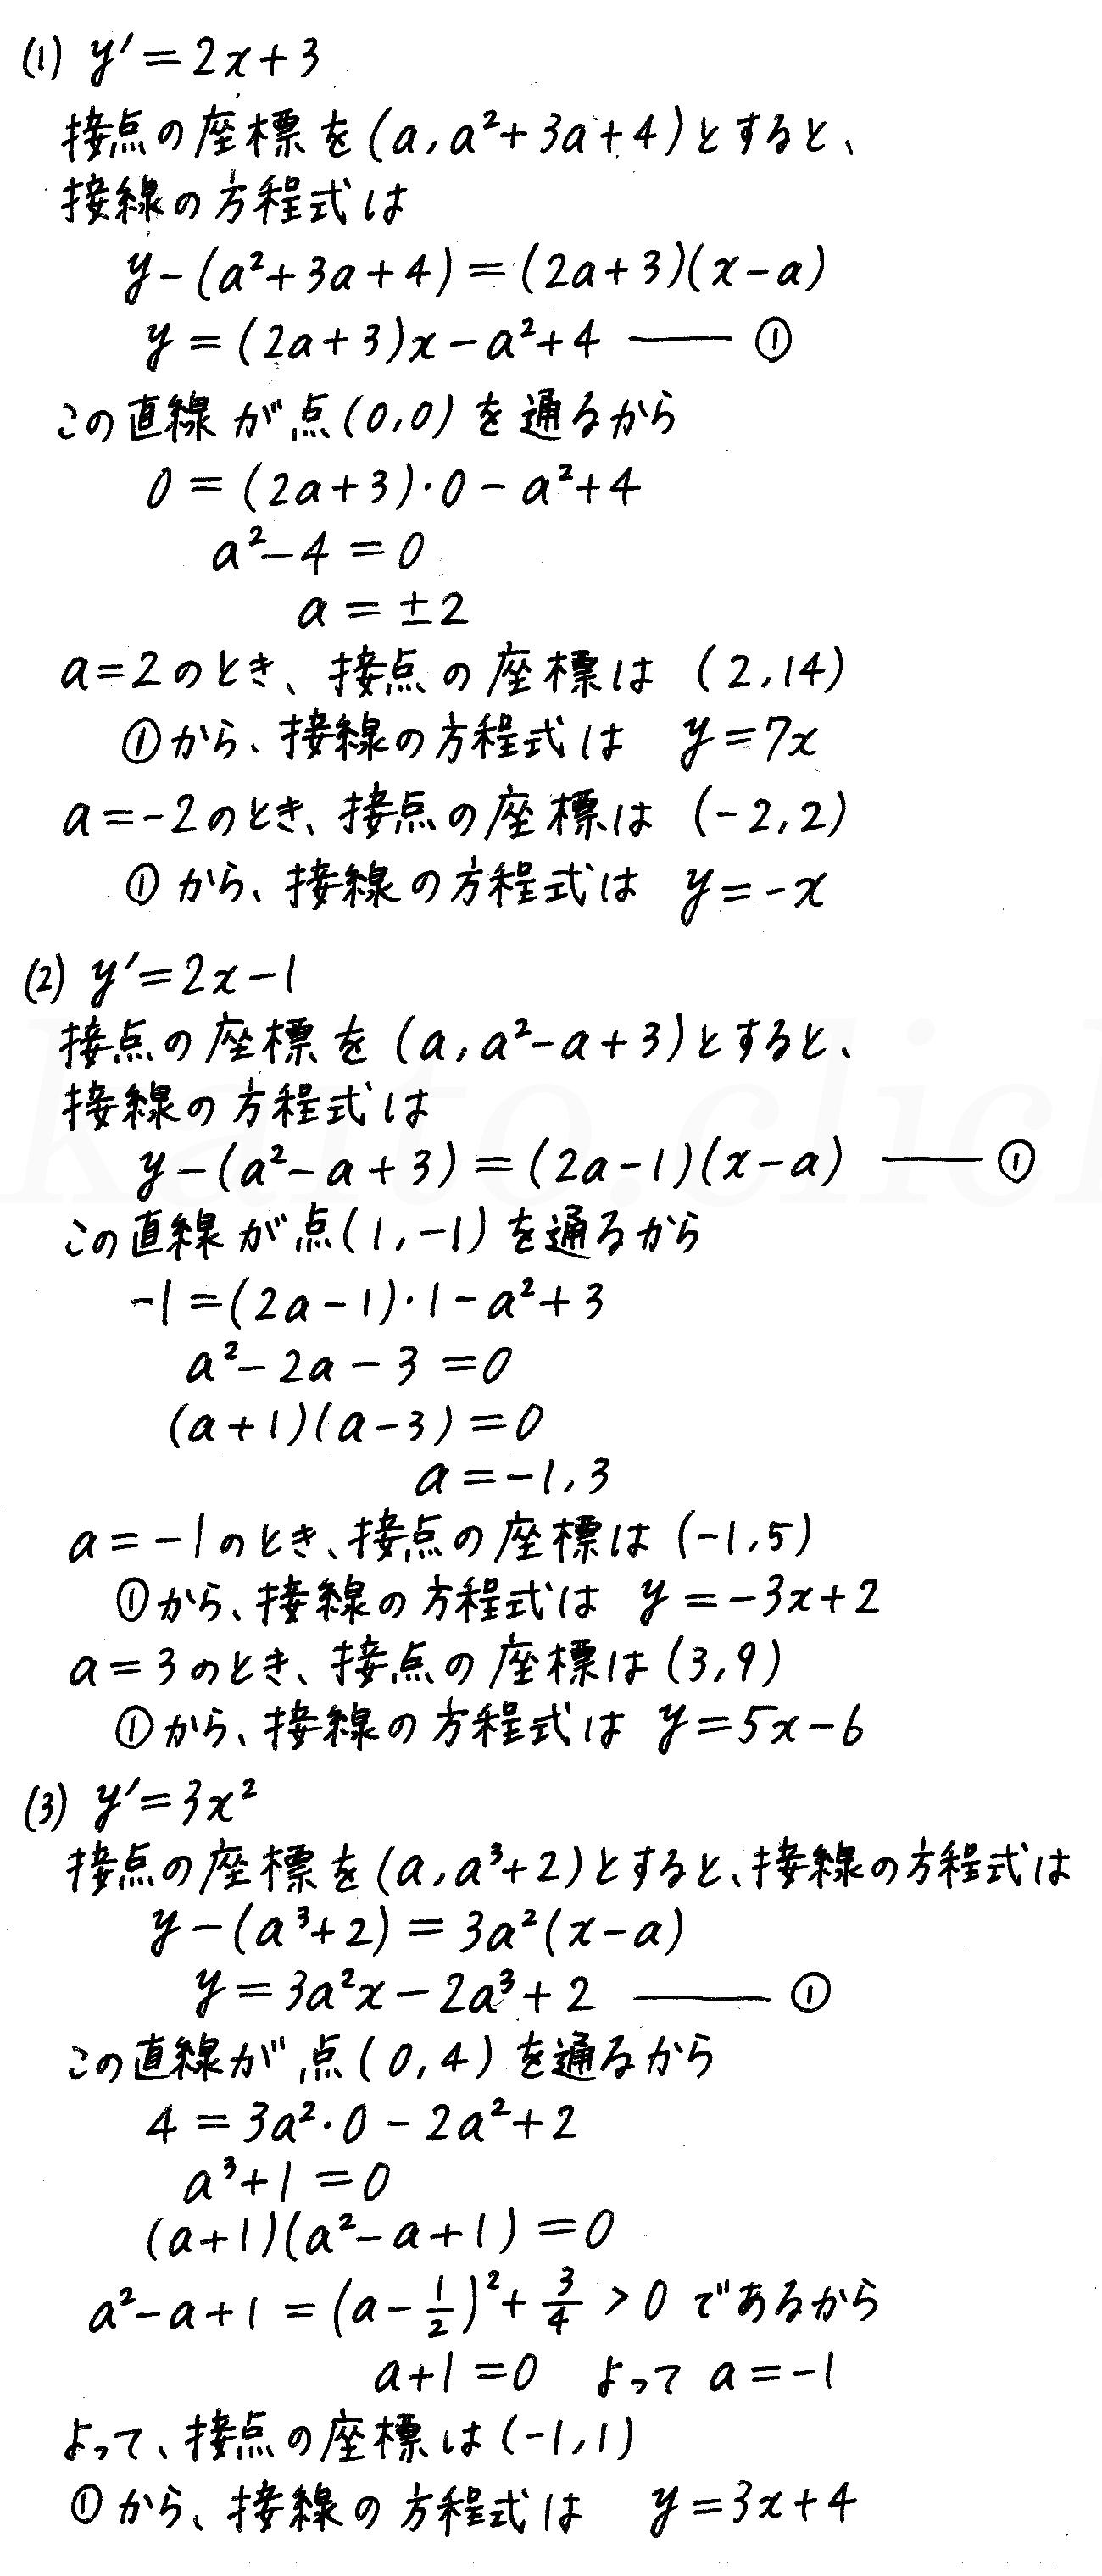 4STEP数学2-411解答